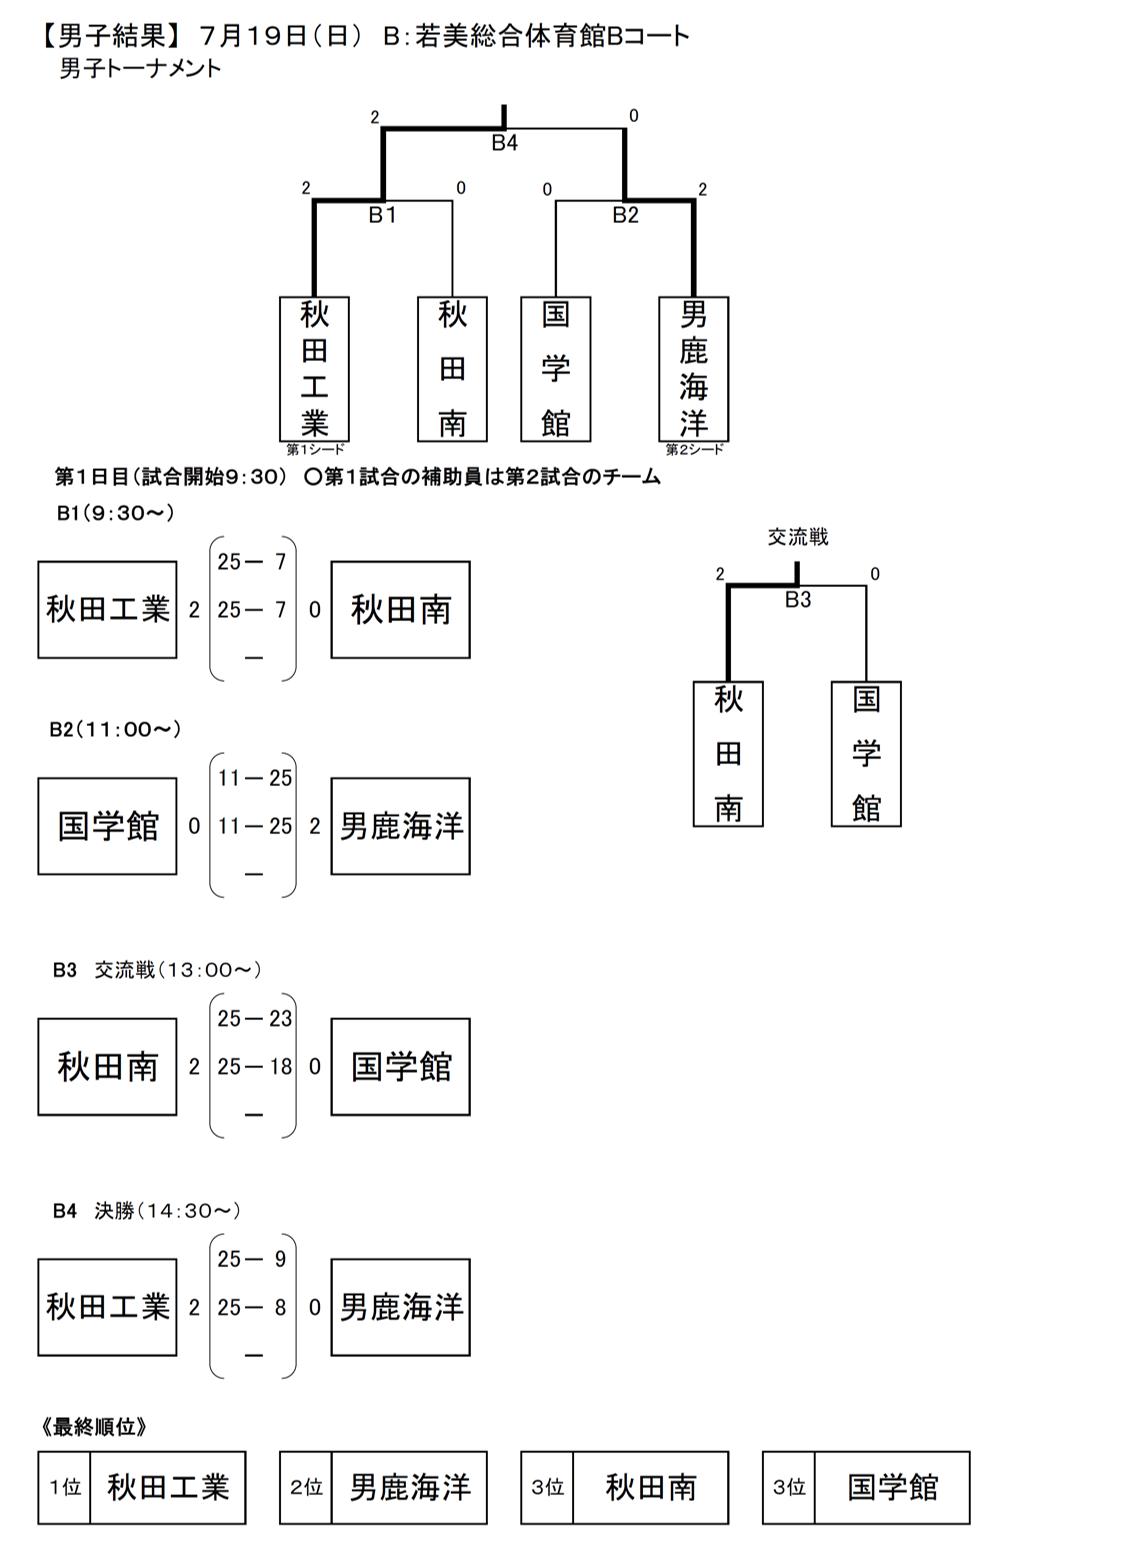 2020_秋田代替大会_中央地区_男子_結果